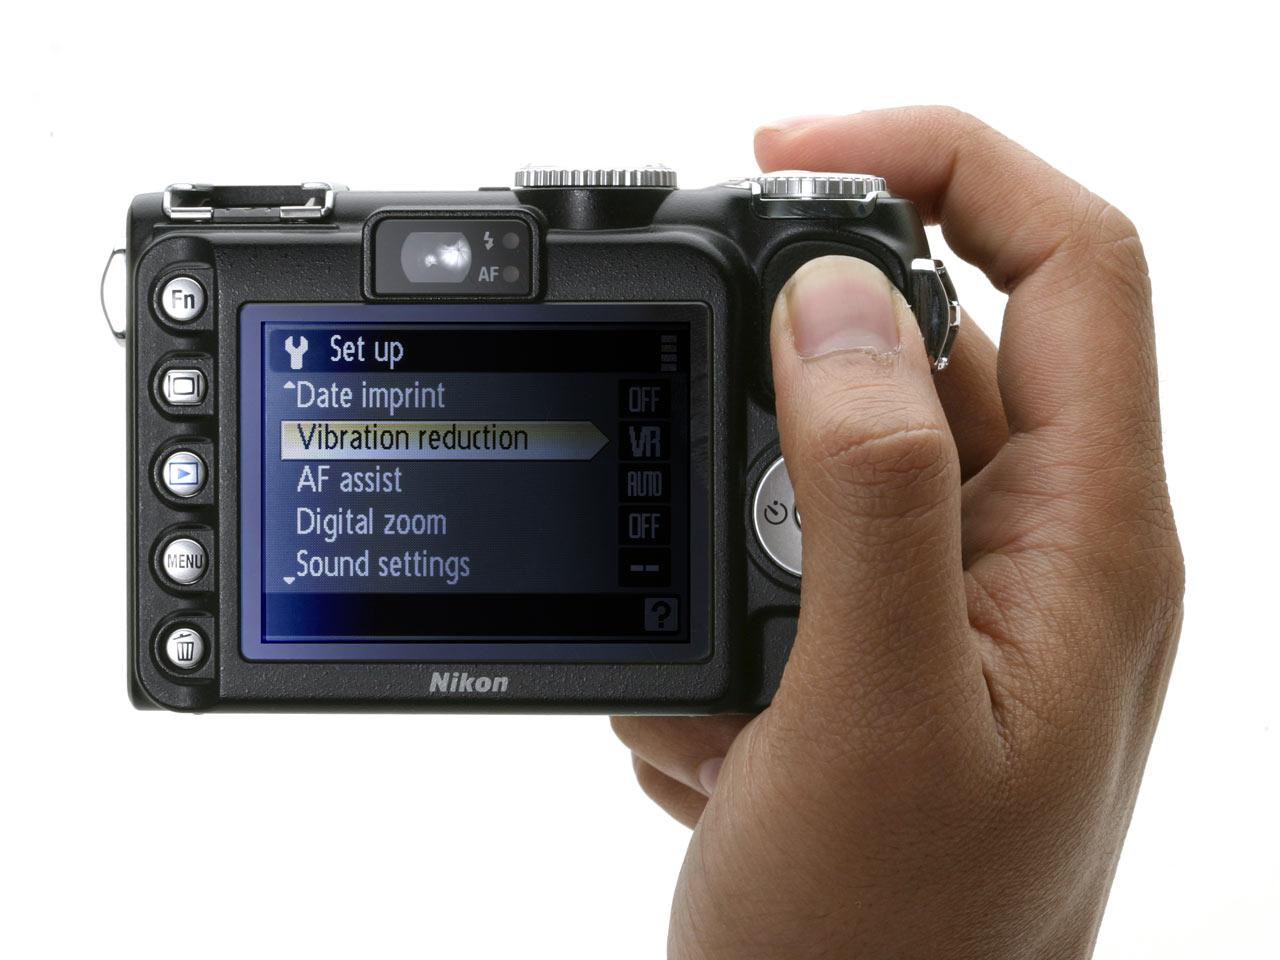 березе рынок цифровых фотоаппаратов модели